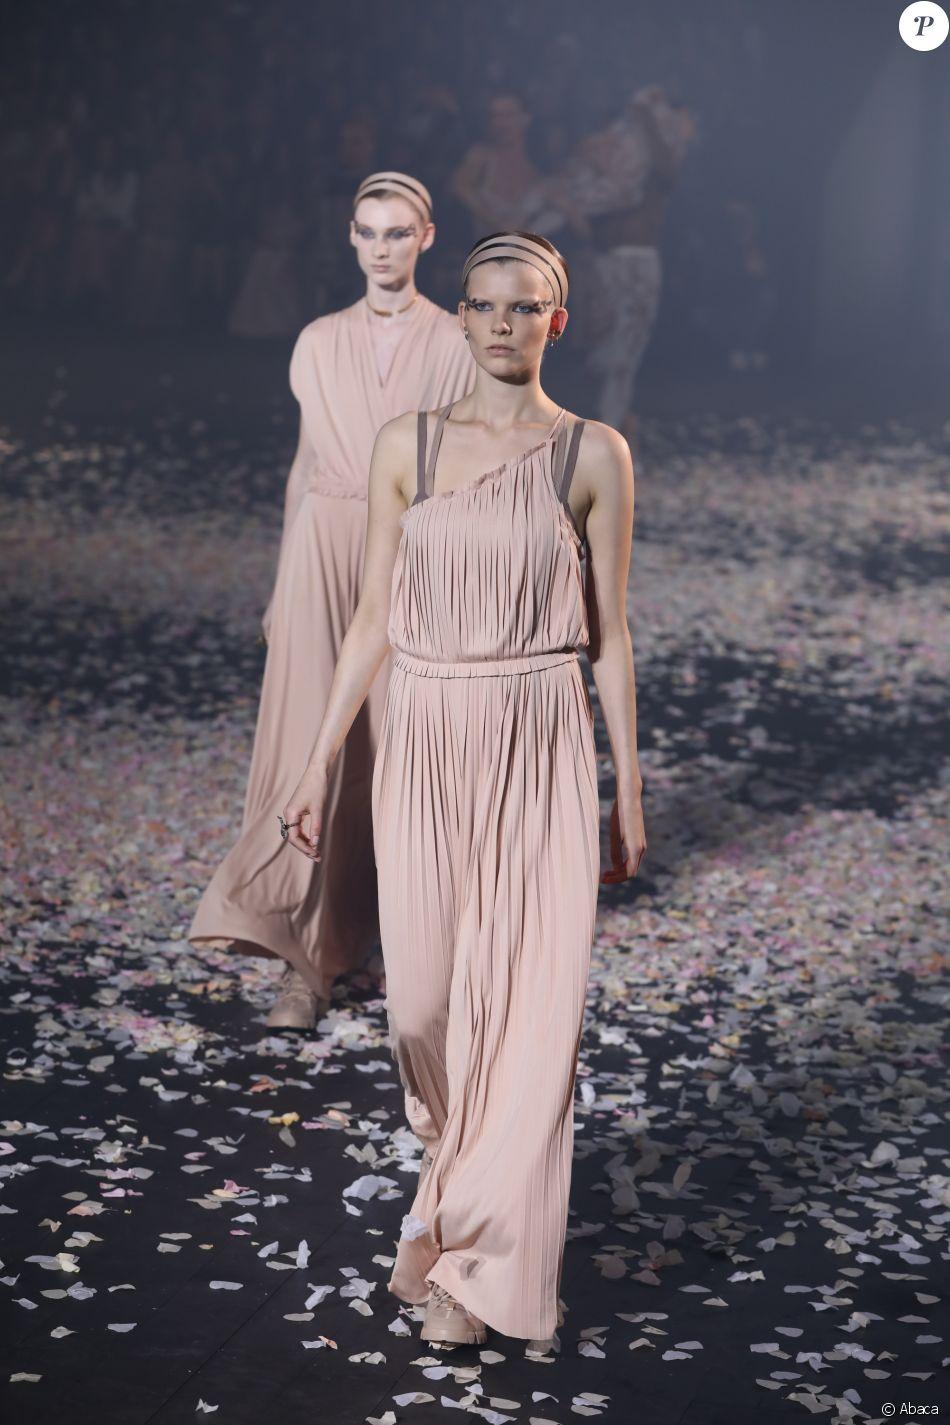 Défilé de mode \u0026quot;Christian Dior\u0026quot;, collection prêt,à,porter  printemps